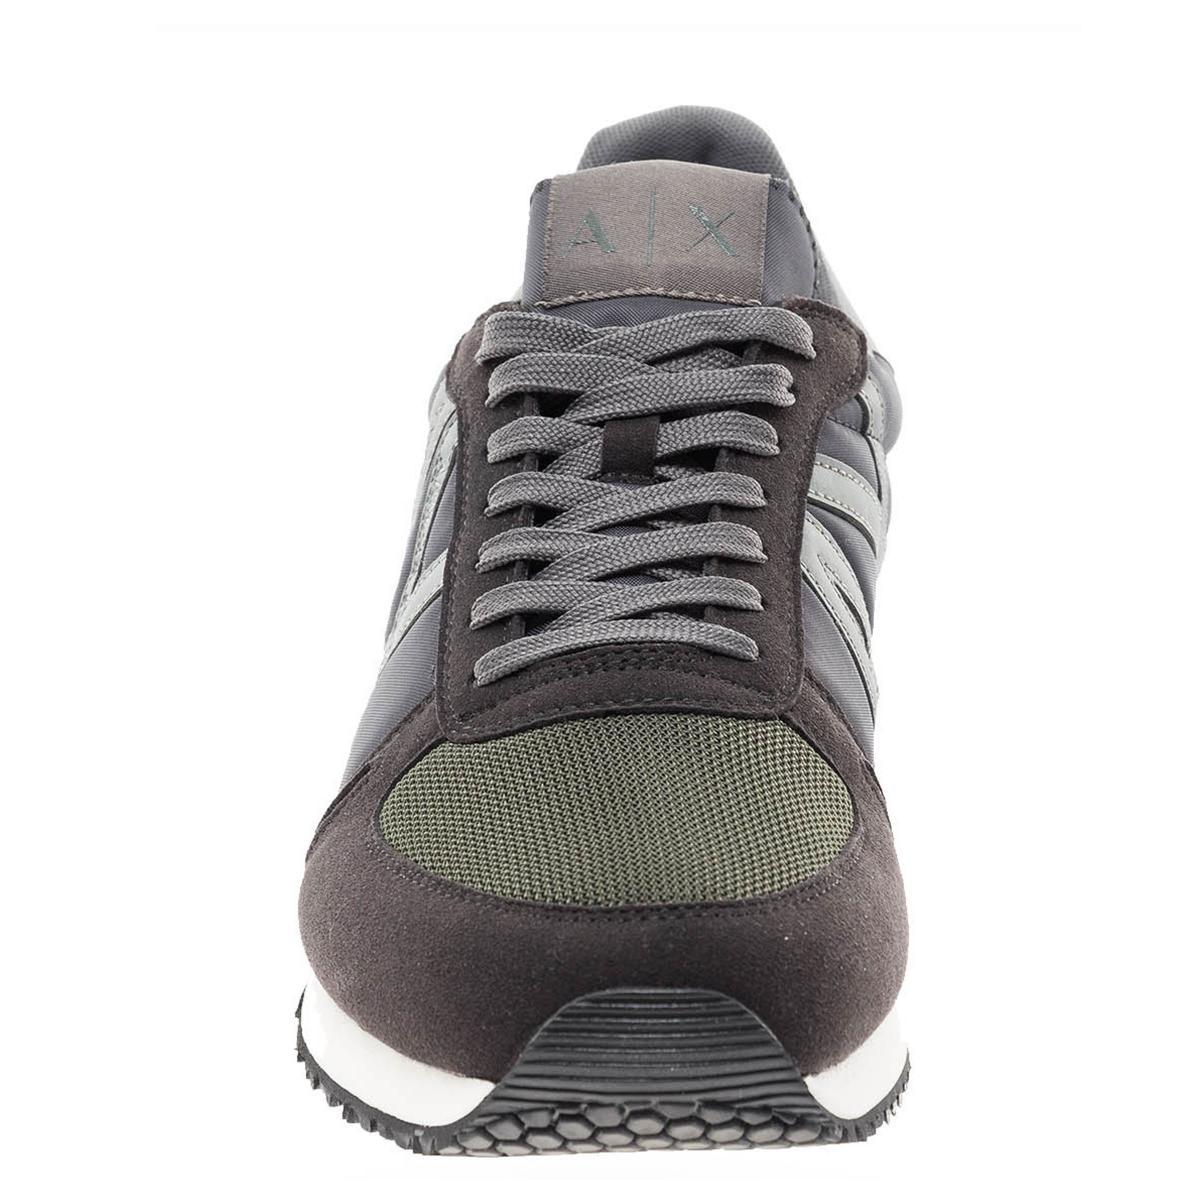 Scarpe da uomo Armani Exchange colore nero con inserti in camoscio Rif. XUX017 XV028